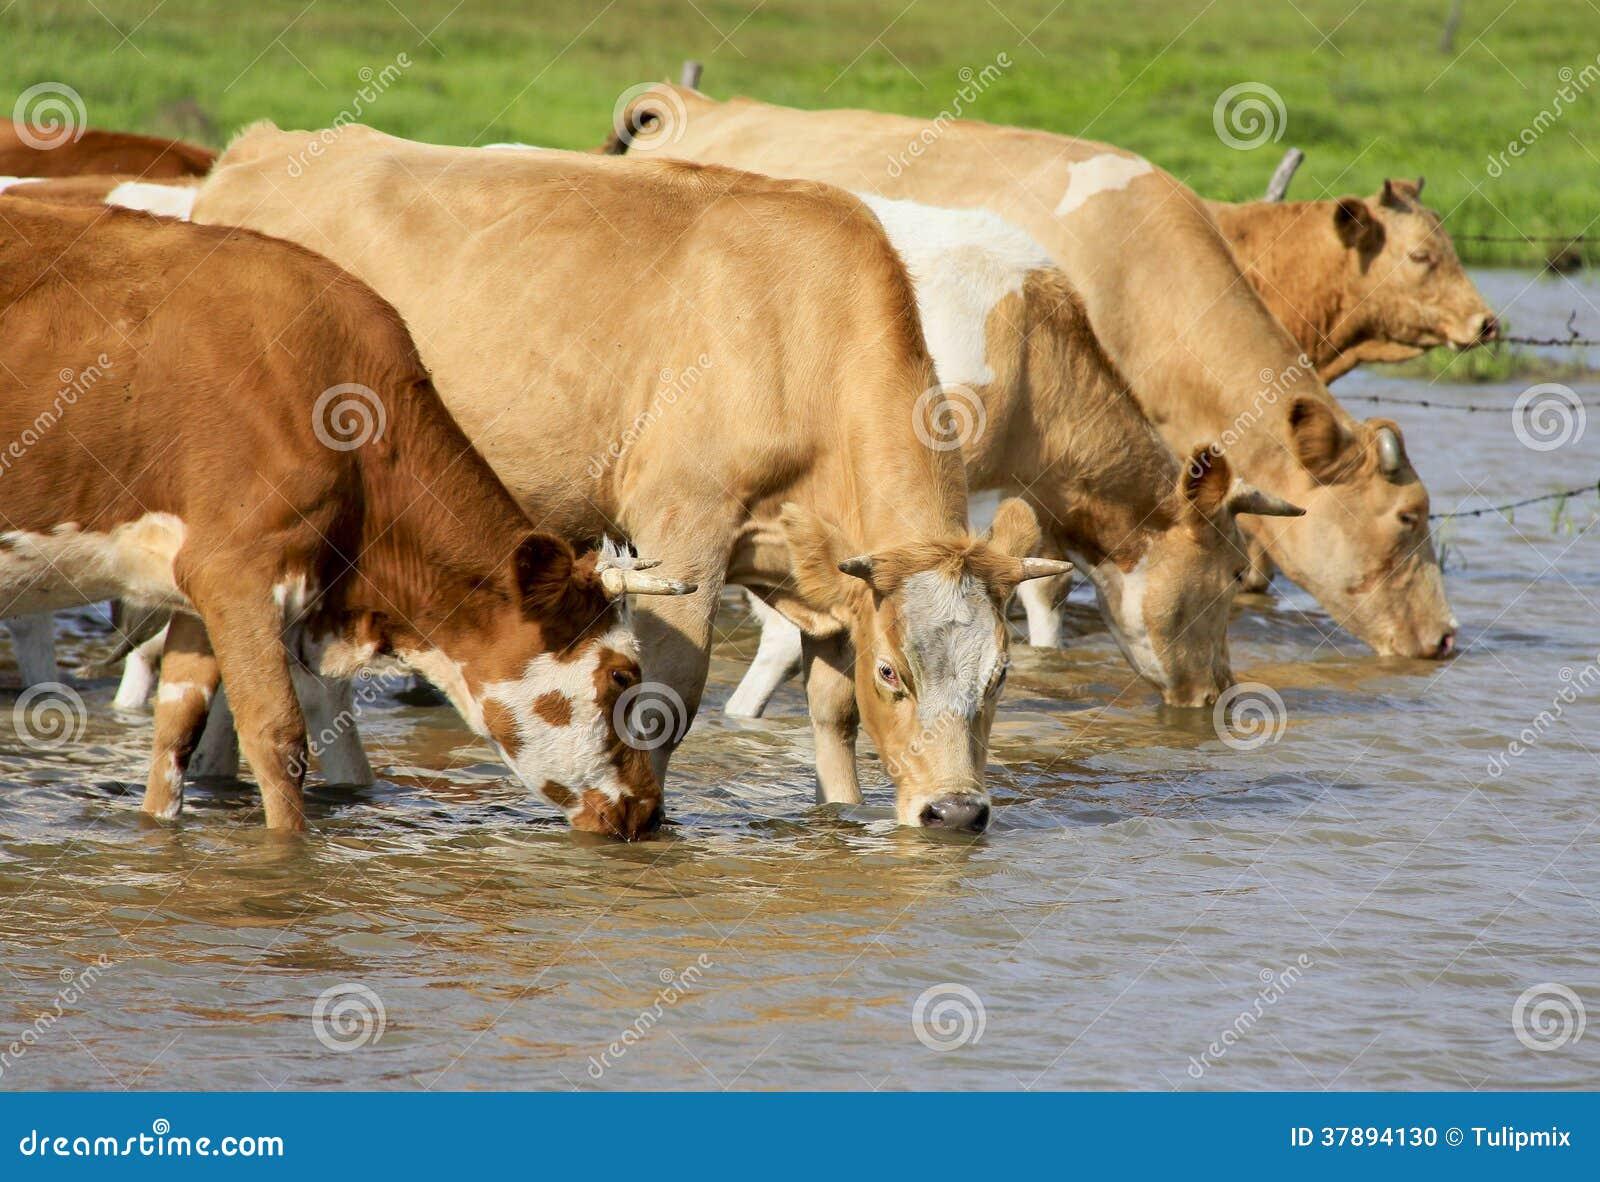 Koeien drinkwater